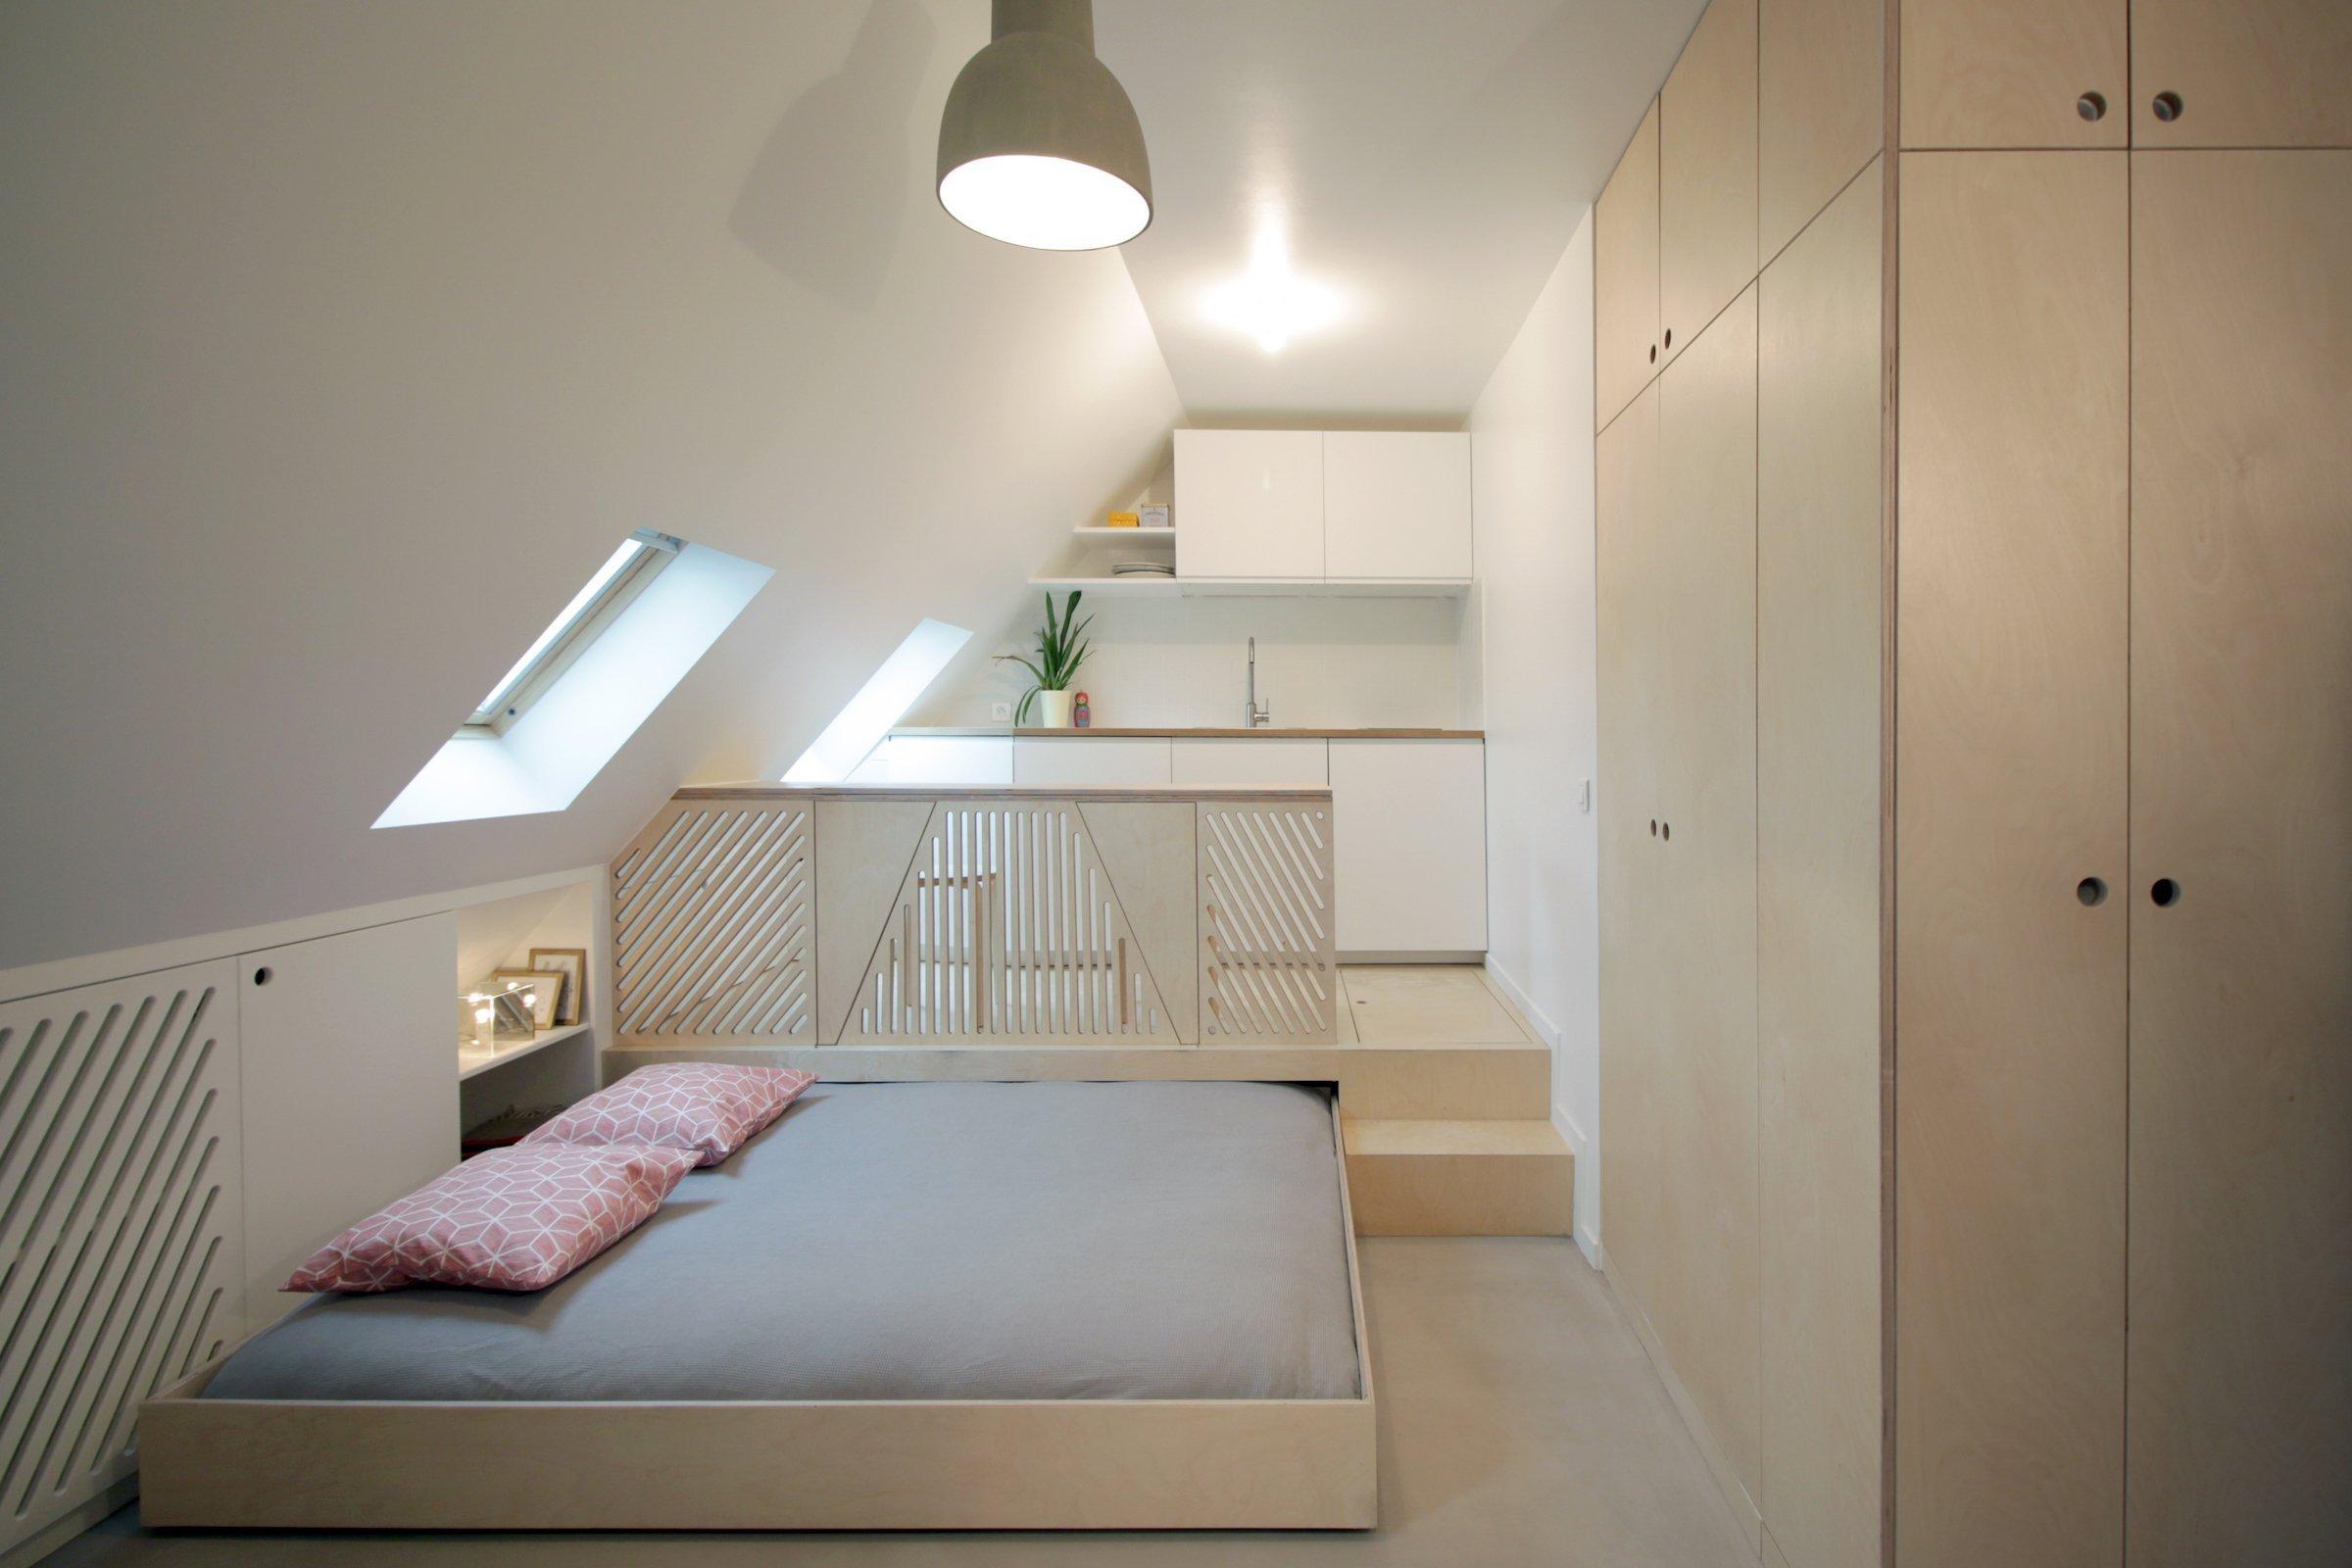 Původní podkrovní pařížský byt o rozloze 15 m2 působil nepříliš svěžím dojmem nejen proto, že byl zastaralý svým vybavením, ale hlavně se mu nedařilo plně využít všech dispozic, které se tu nabízely k docílení toho, aby prostor inteligentně a funkčně pracoval s úložnými prostory a stavebními možnostmi. To se naopak dokonale povedlo pařížským architektům z designerského studia Batiik. Ti díky několika stavebním úpravám vykouzlili i na tak skromné ploše dostačující moderní a útulné bydlení pro dva.